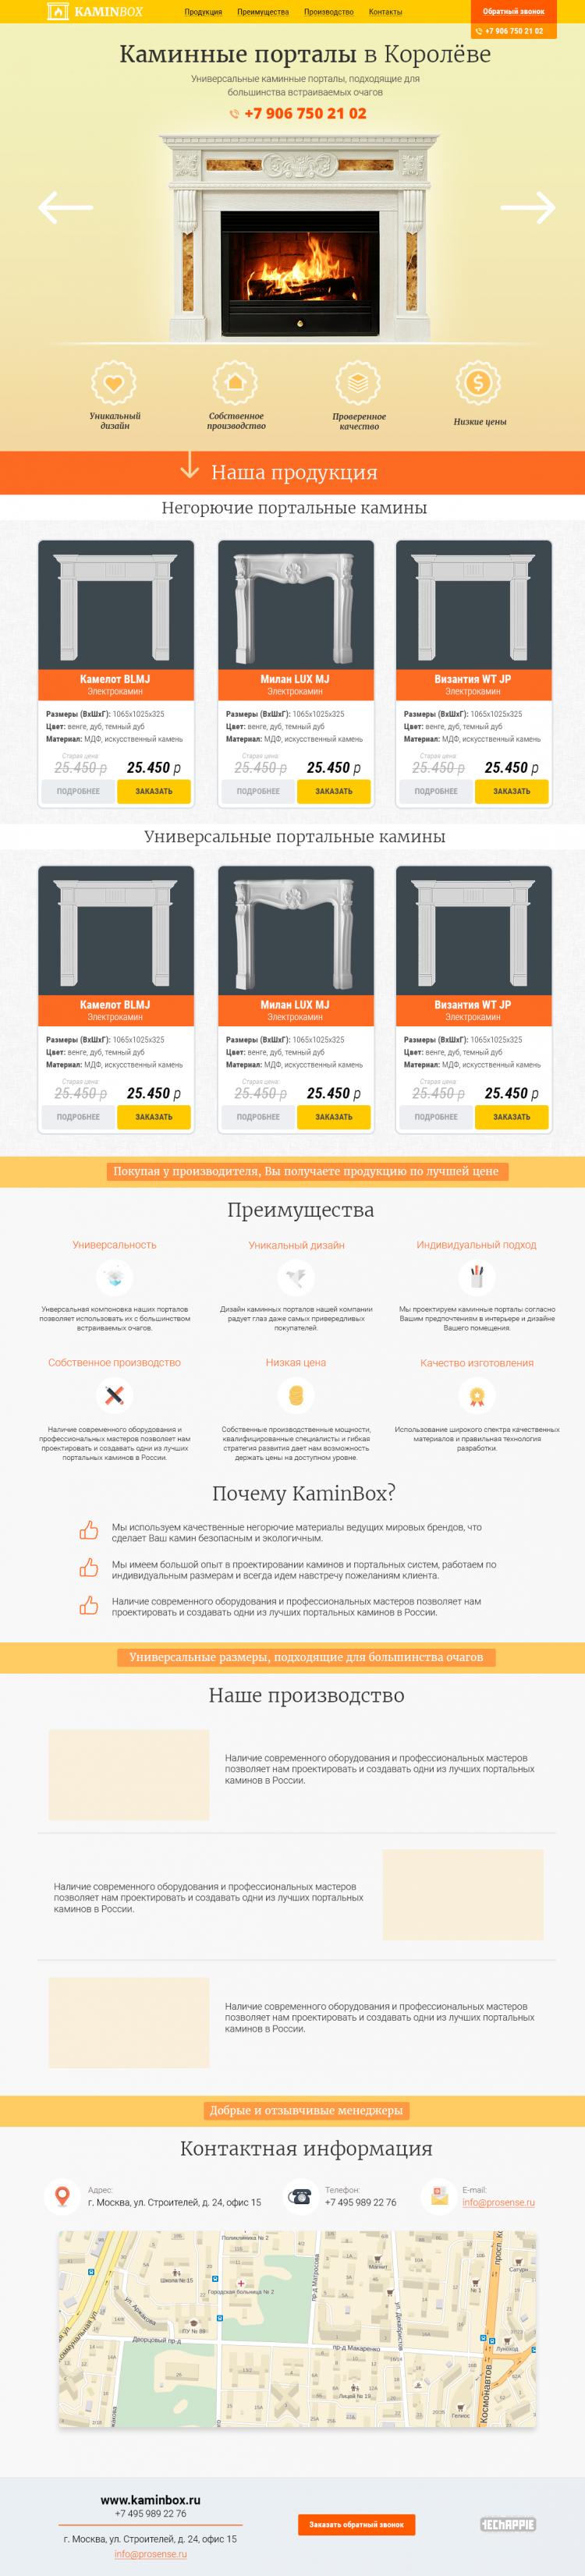 Каминные порталы Kaminbox.ru